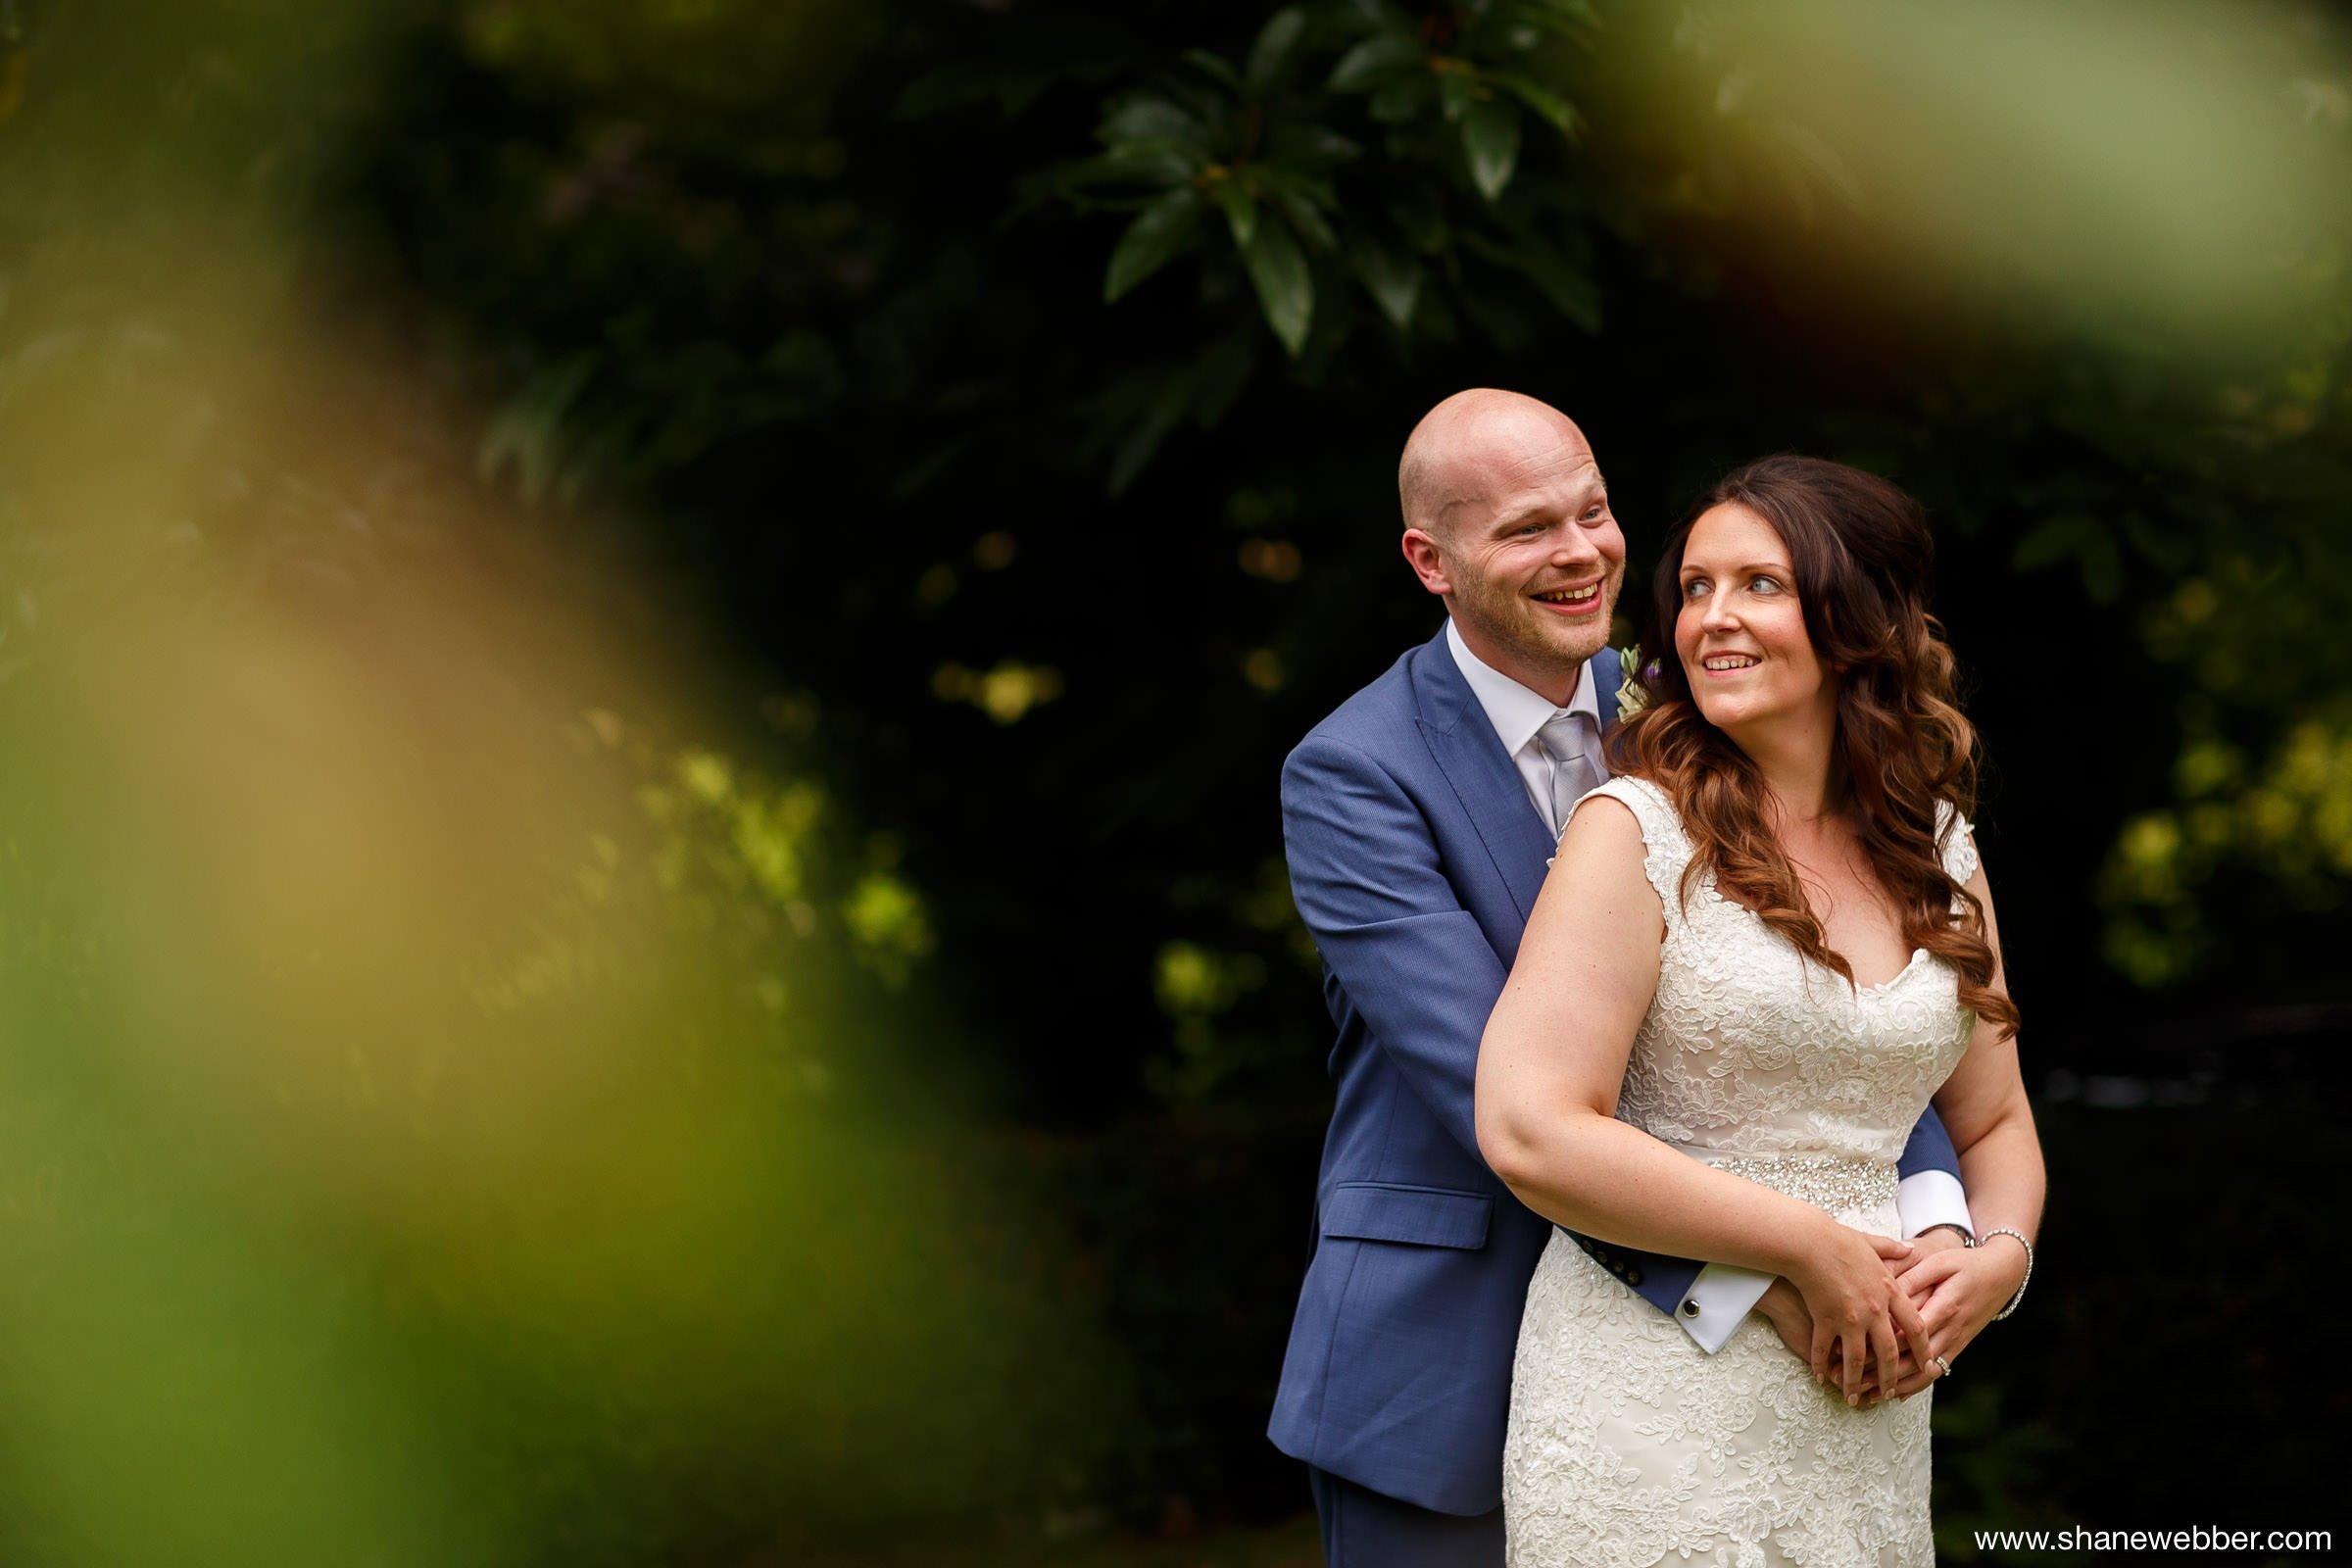 Yellow Broom Restaurant Cheshire Wedding Photography